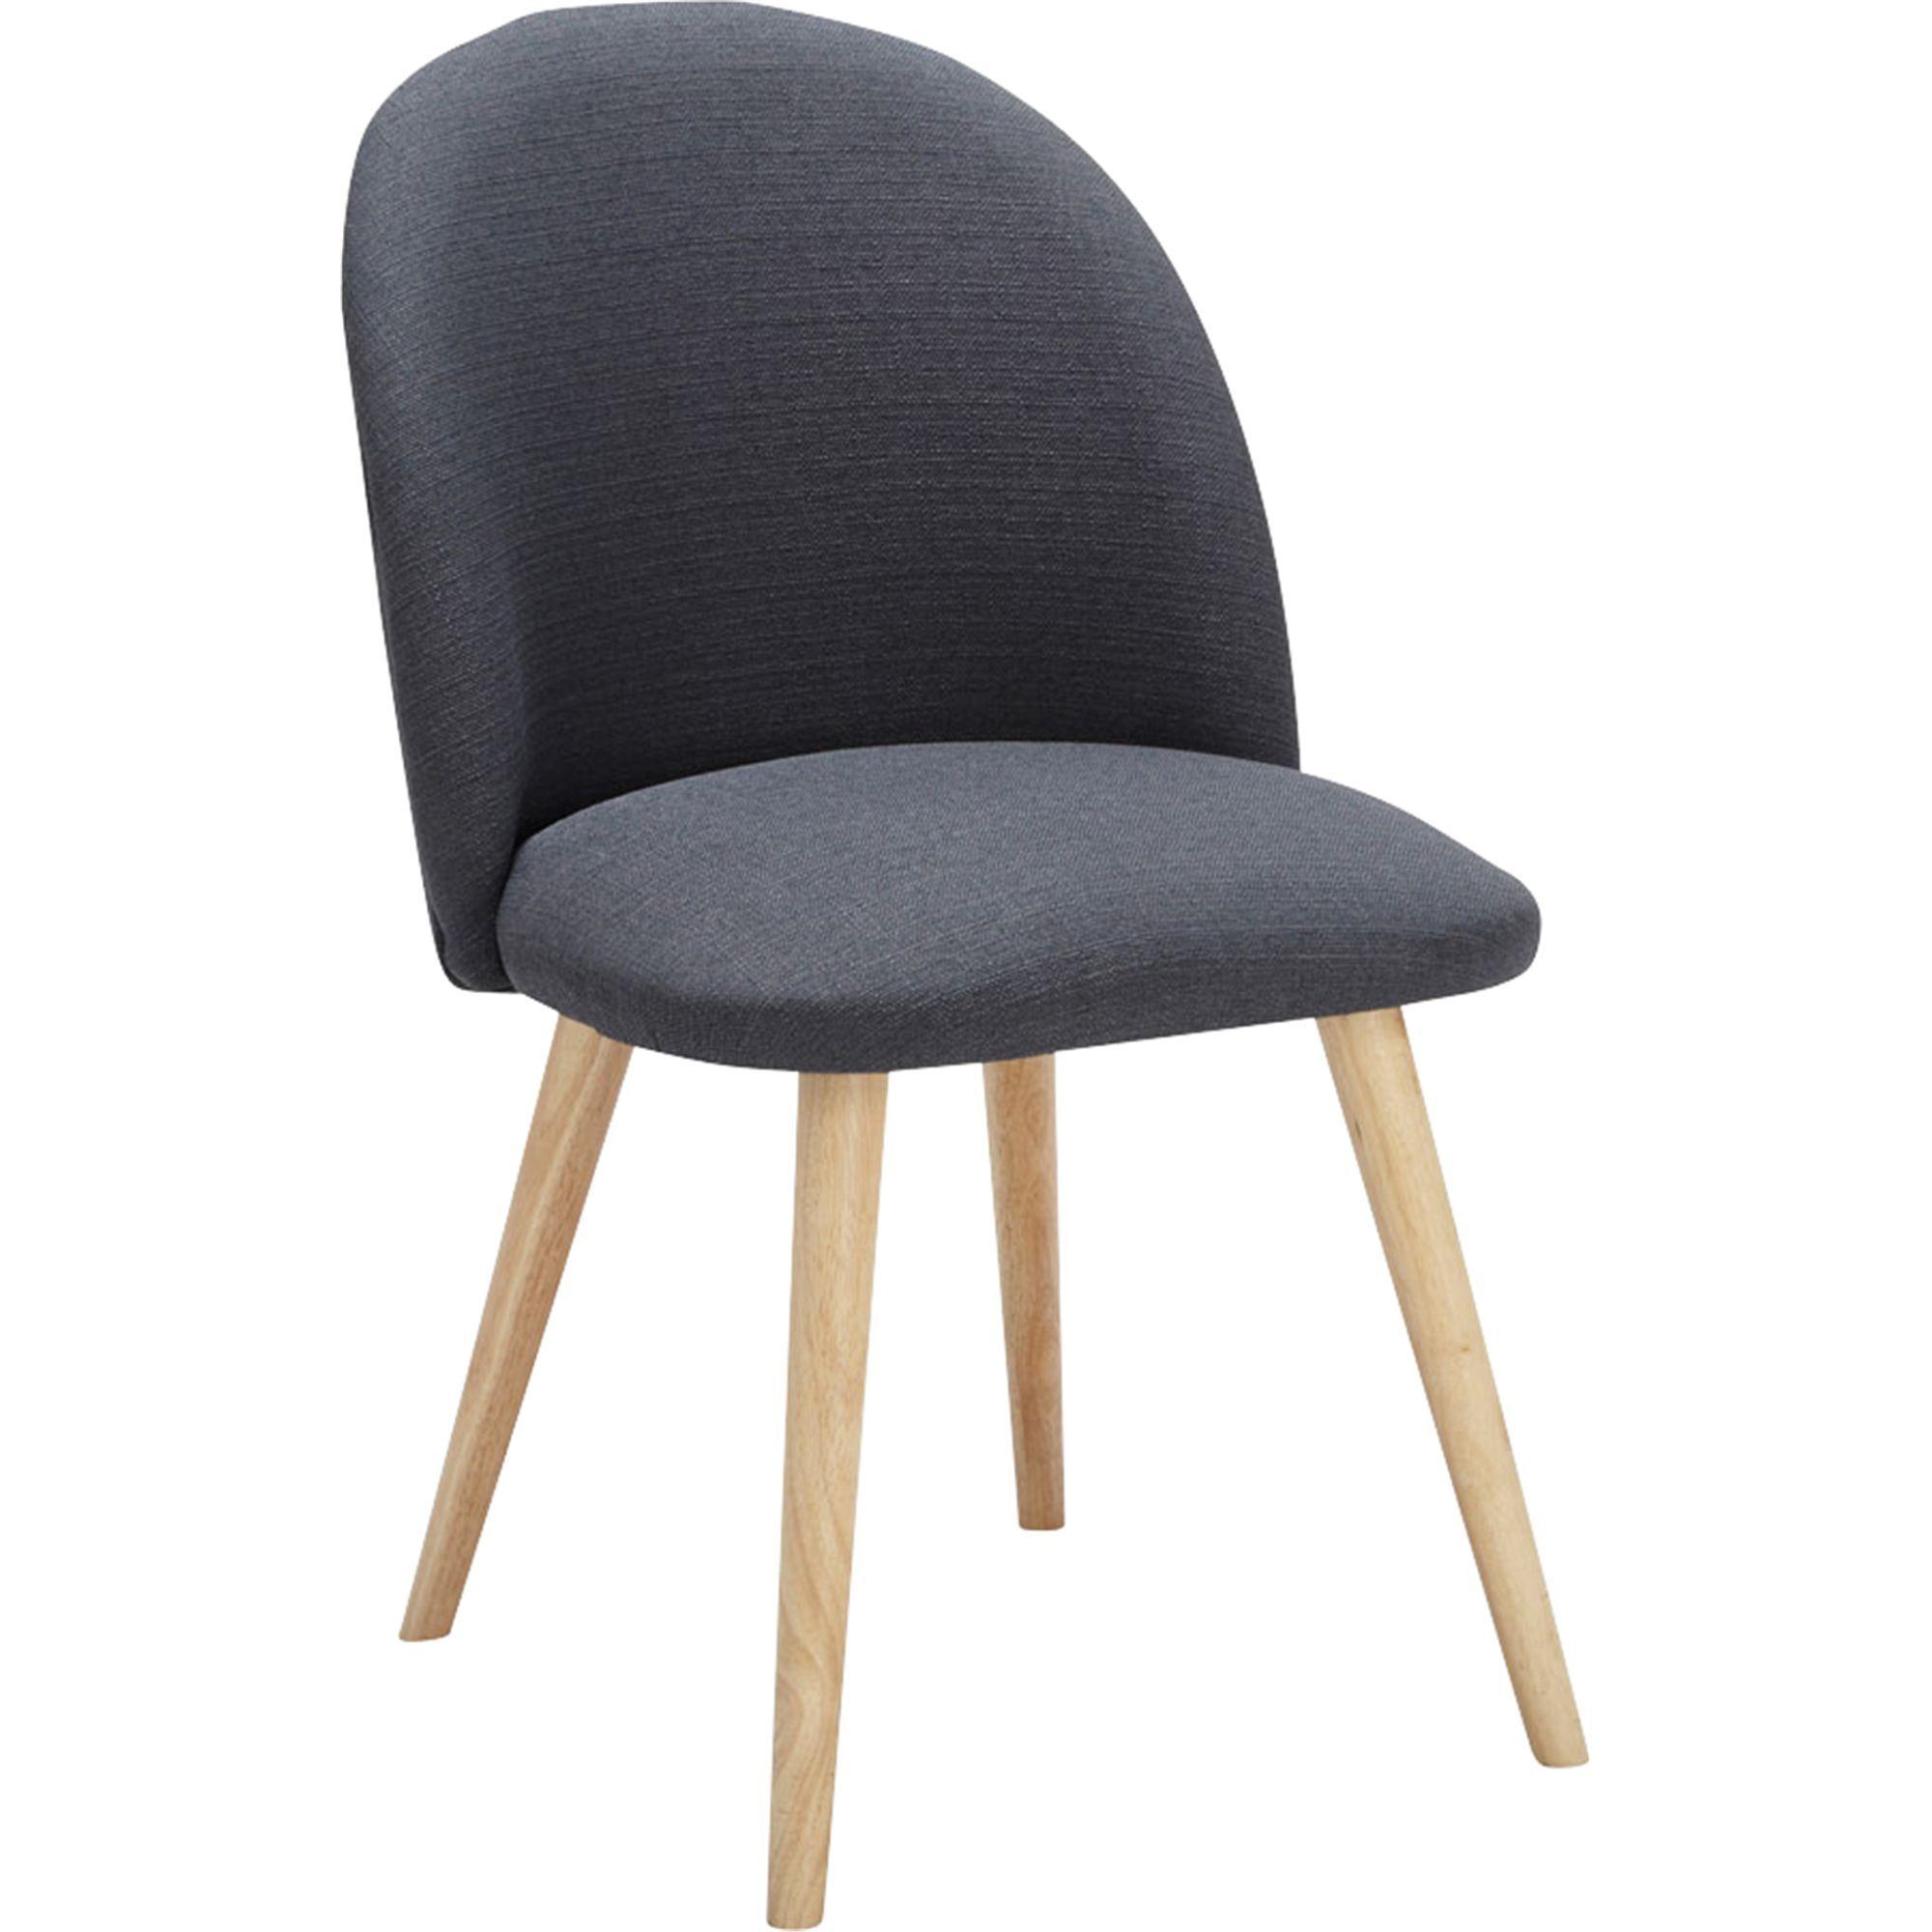 alinea seraphine chaise rtro en tissu gris fonc alinea decoration deco - Chaise Retro